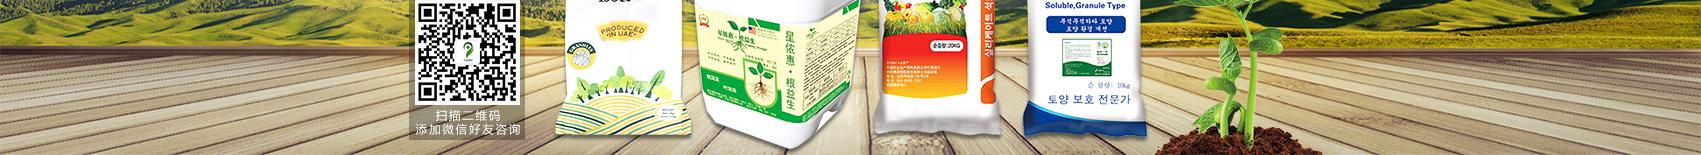 九星惠农(北京)农业发展万博manbetx官网客服